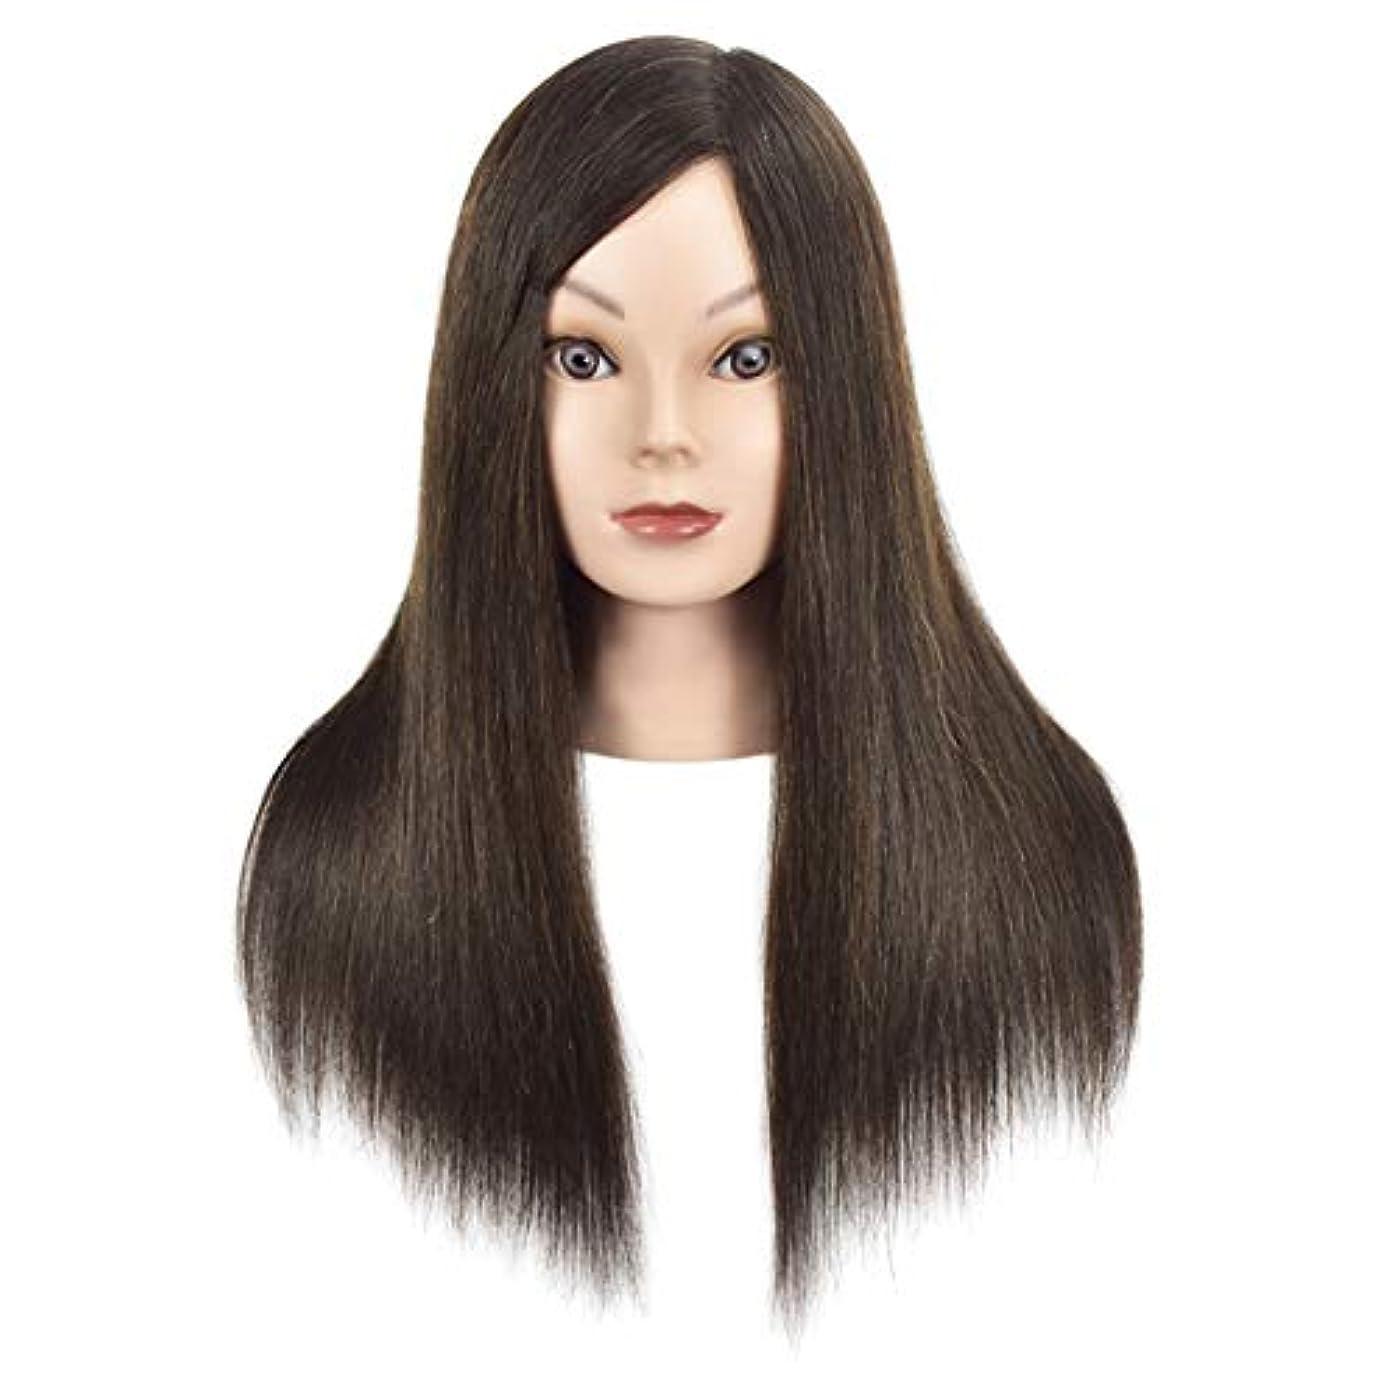 スペード例示する洋服理髪店トリミングヘアエクササイズヘッドモールドメイクモデリング学習マネキンダミーヘッドブラック